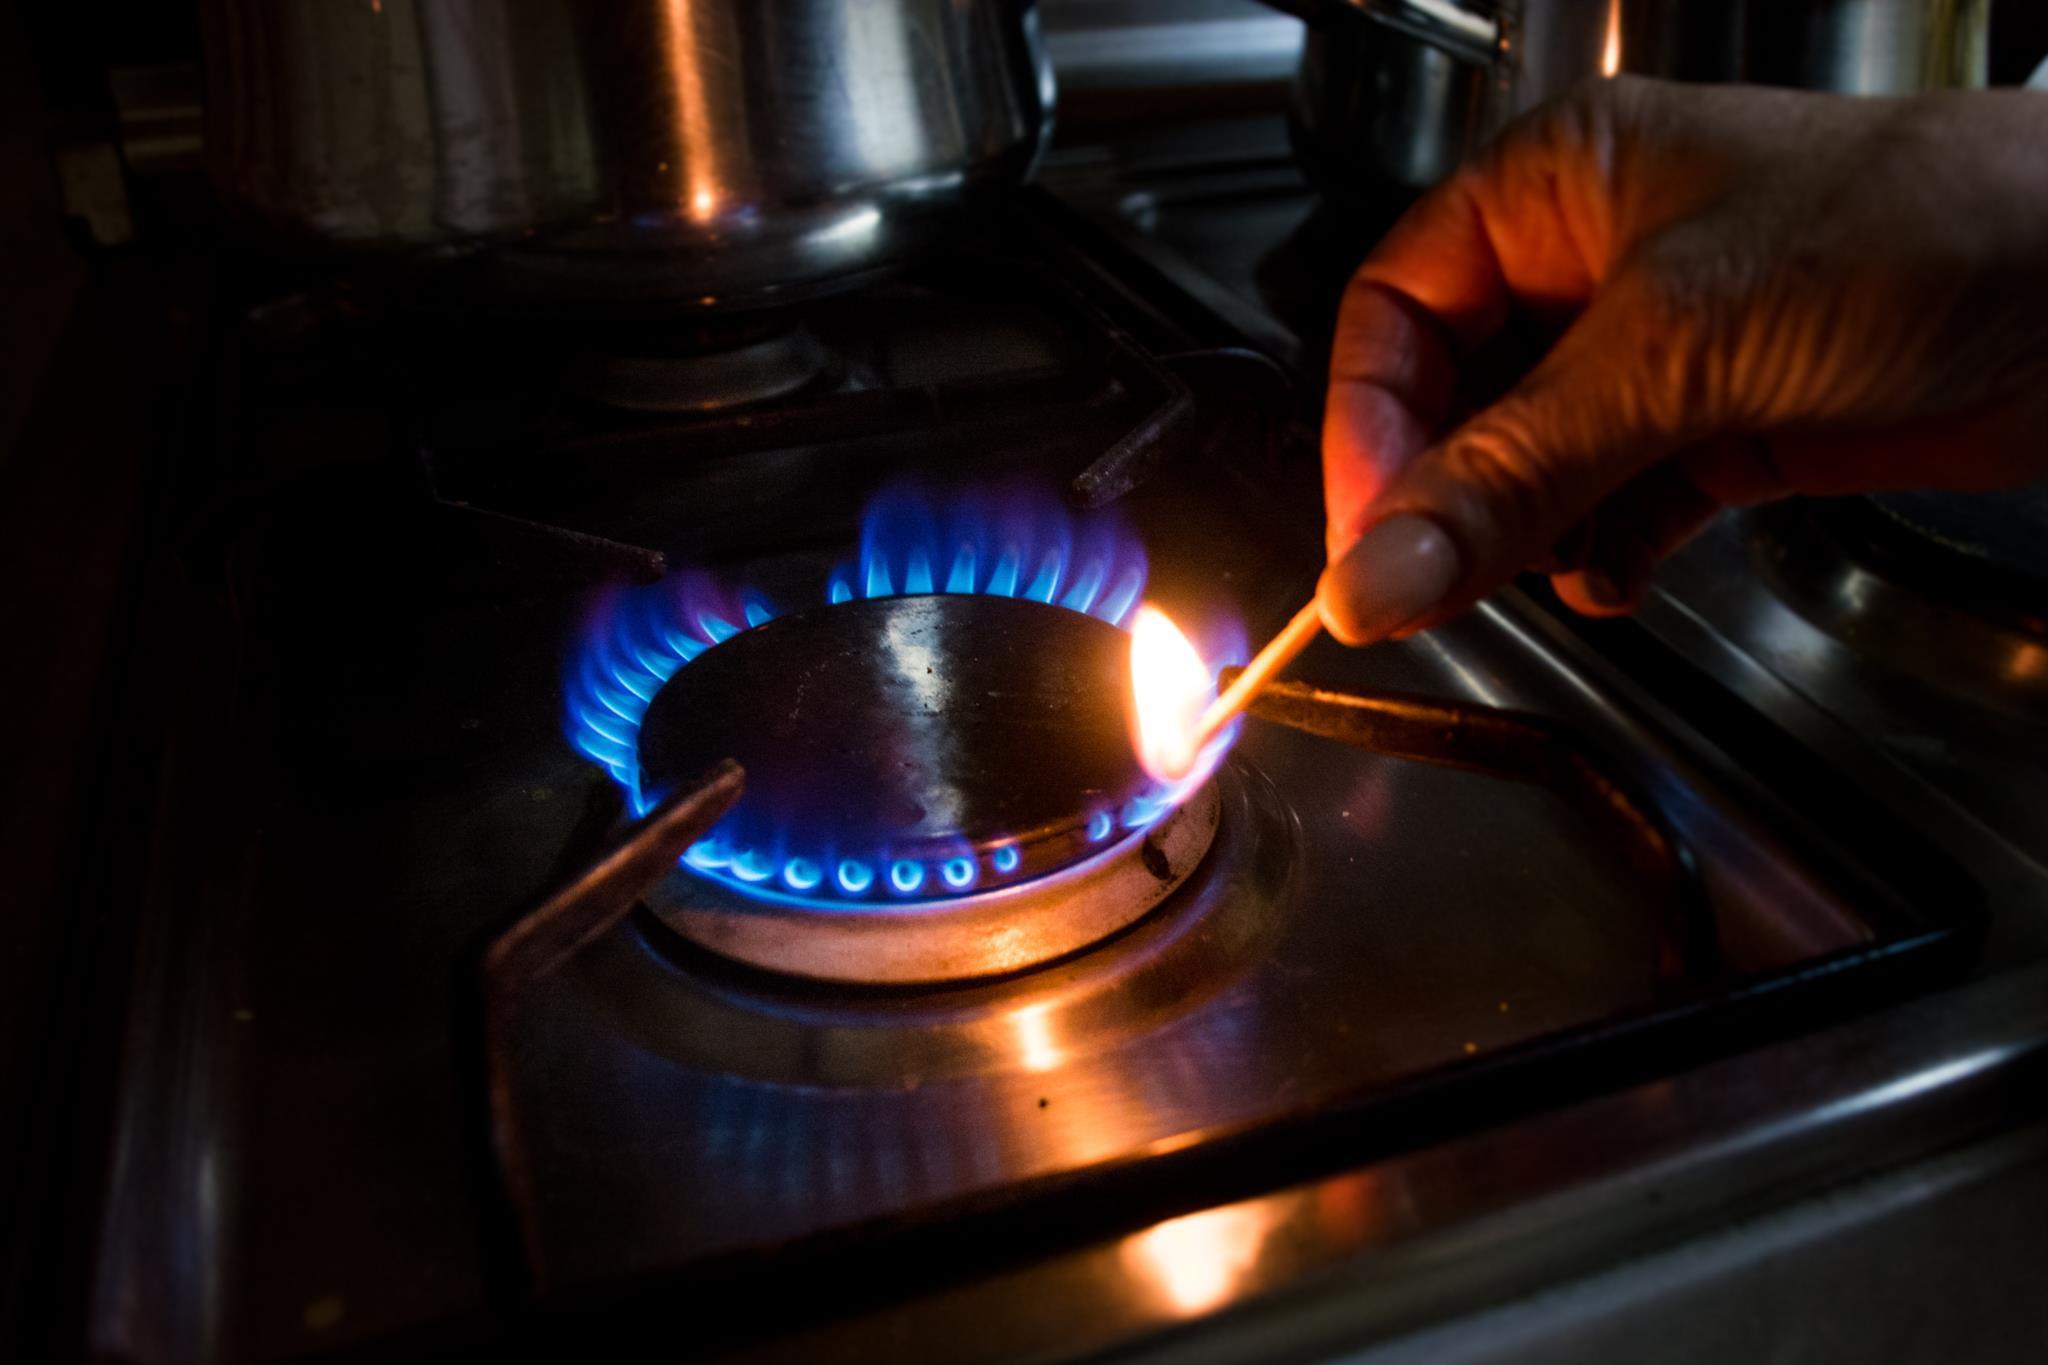 PÚBLICO - Reembolso do gás do fundo das botijas avança este ano